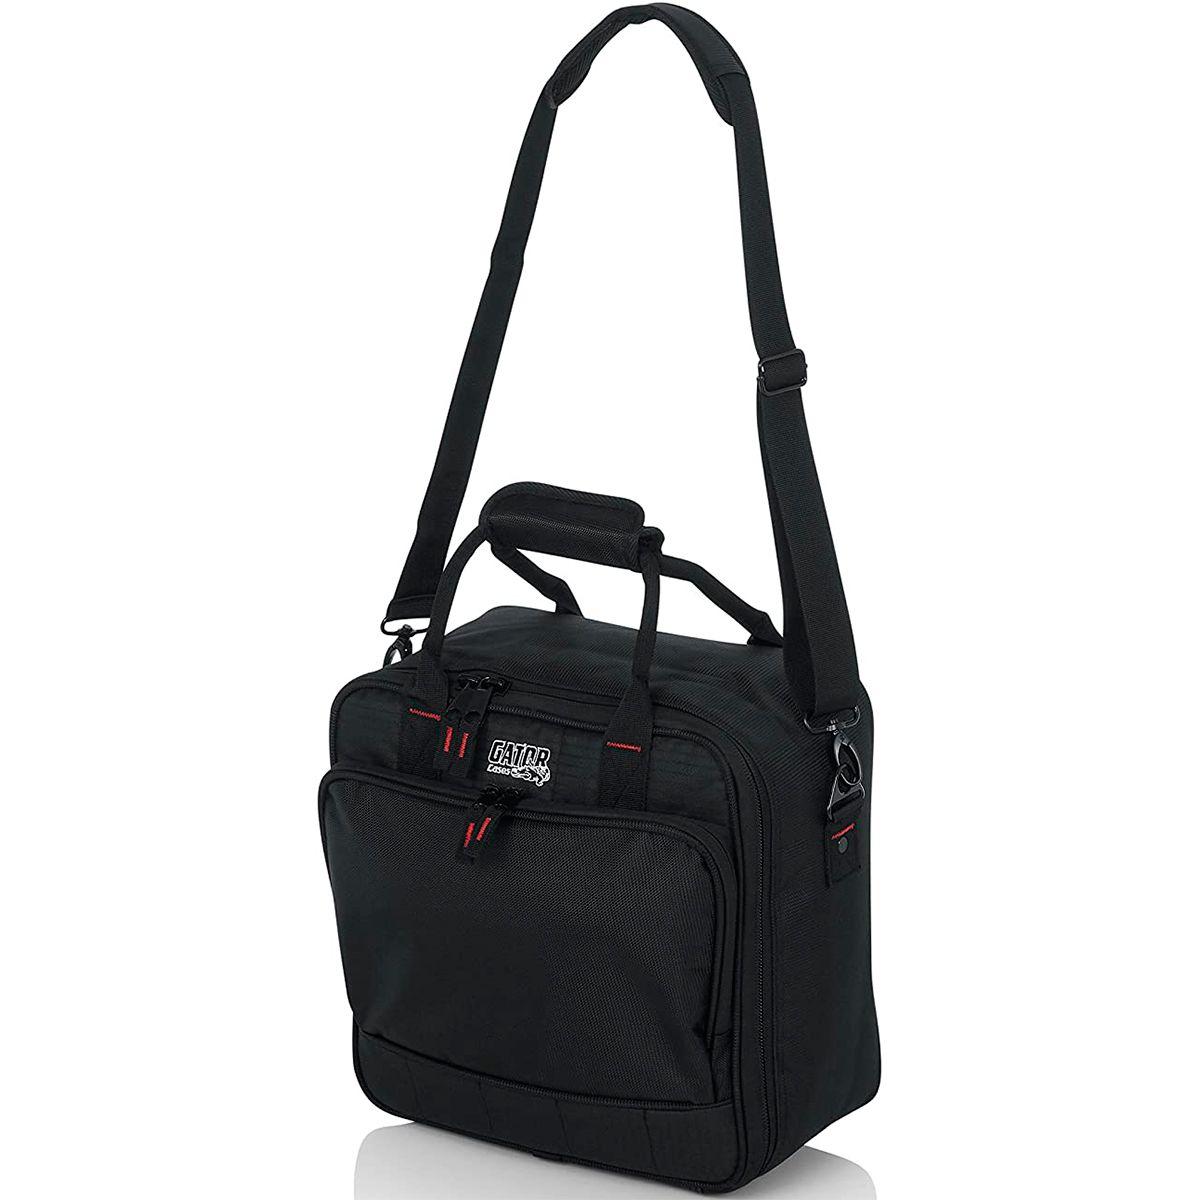 Bag Gator G-MIX-B 1212 com Alça para Mesa de som 12